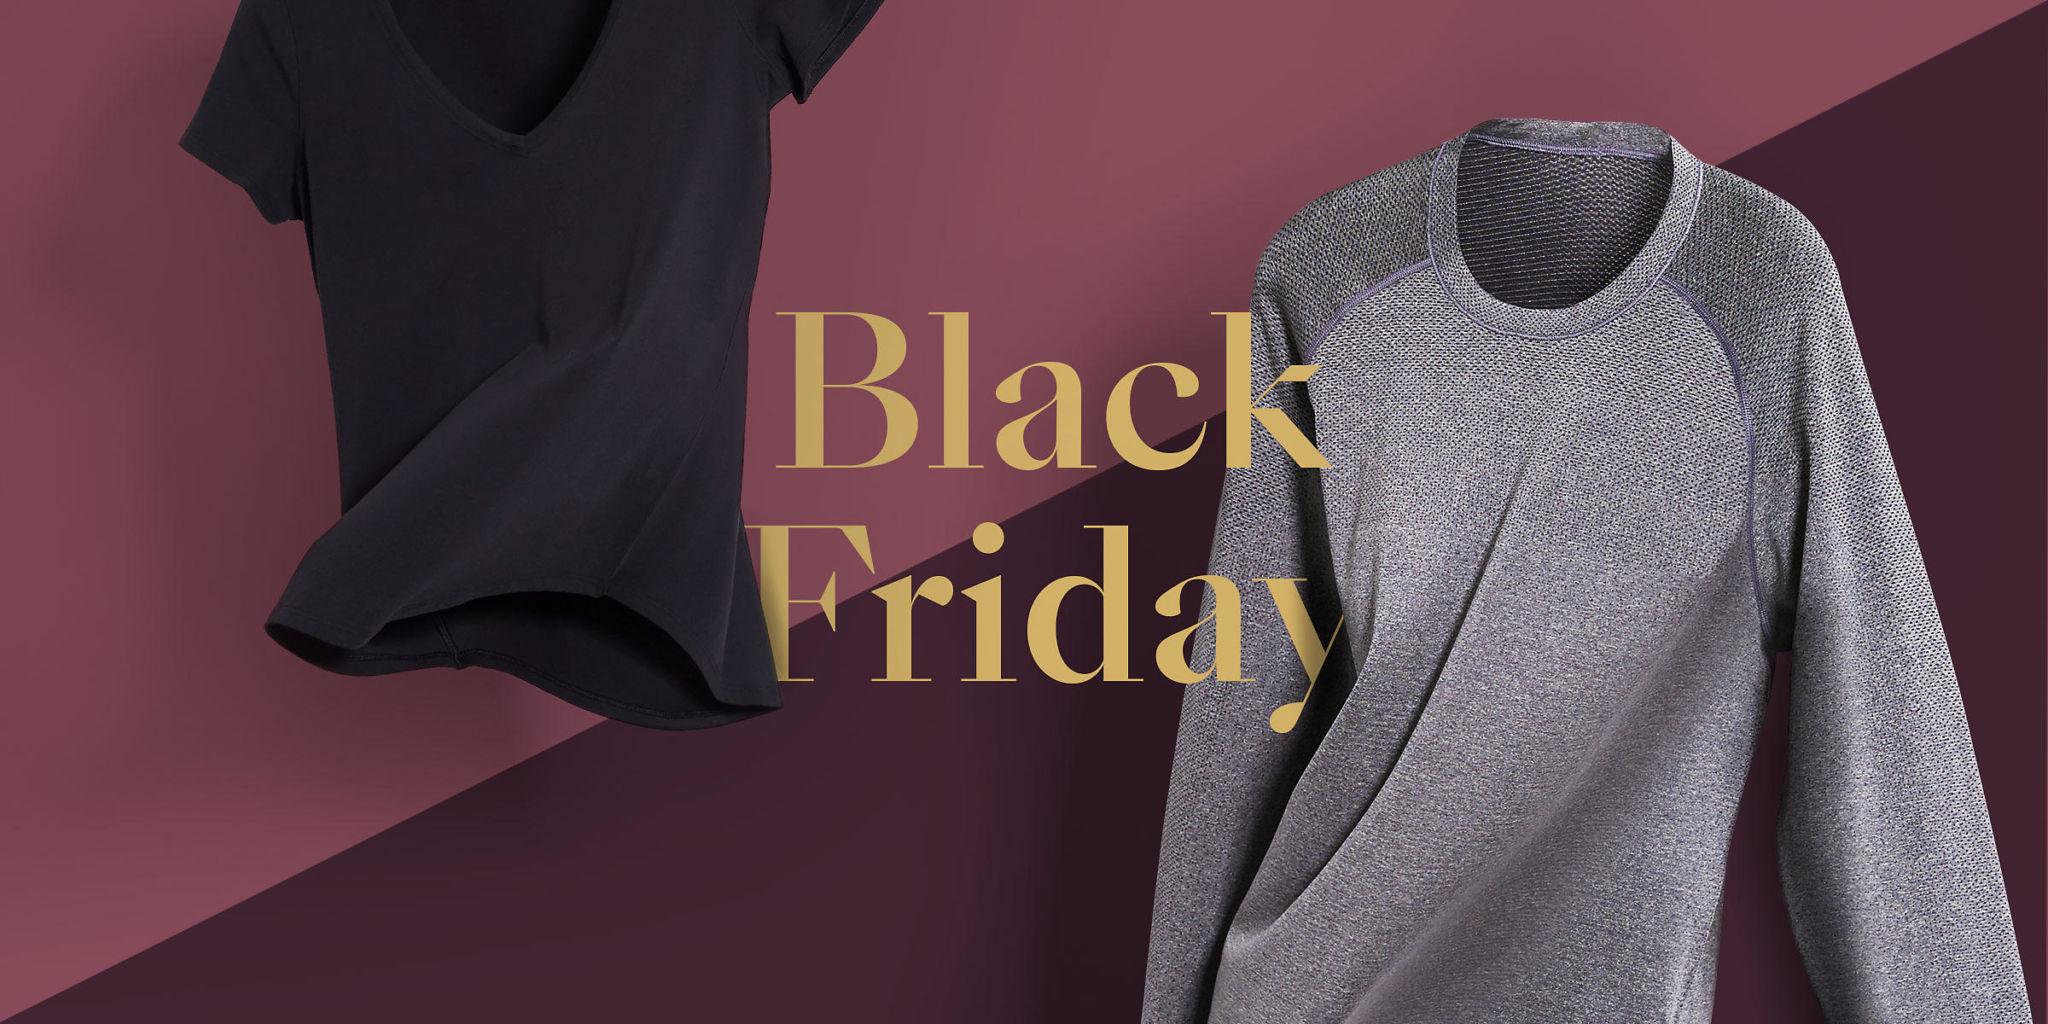 Lululemon Black Friday Sale